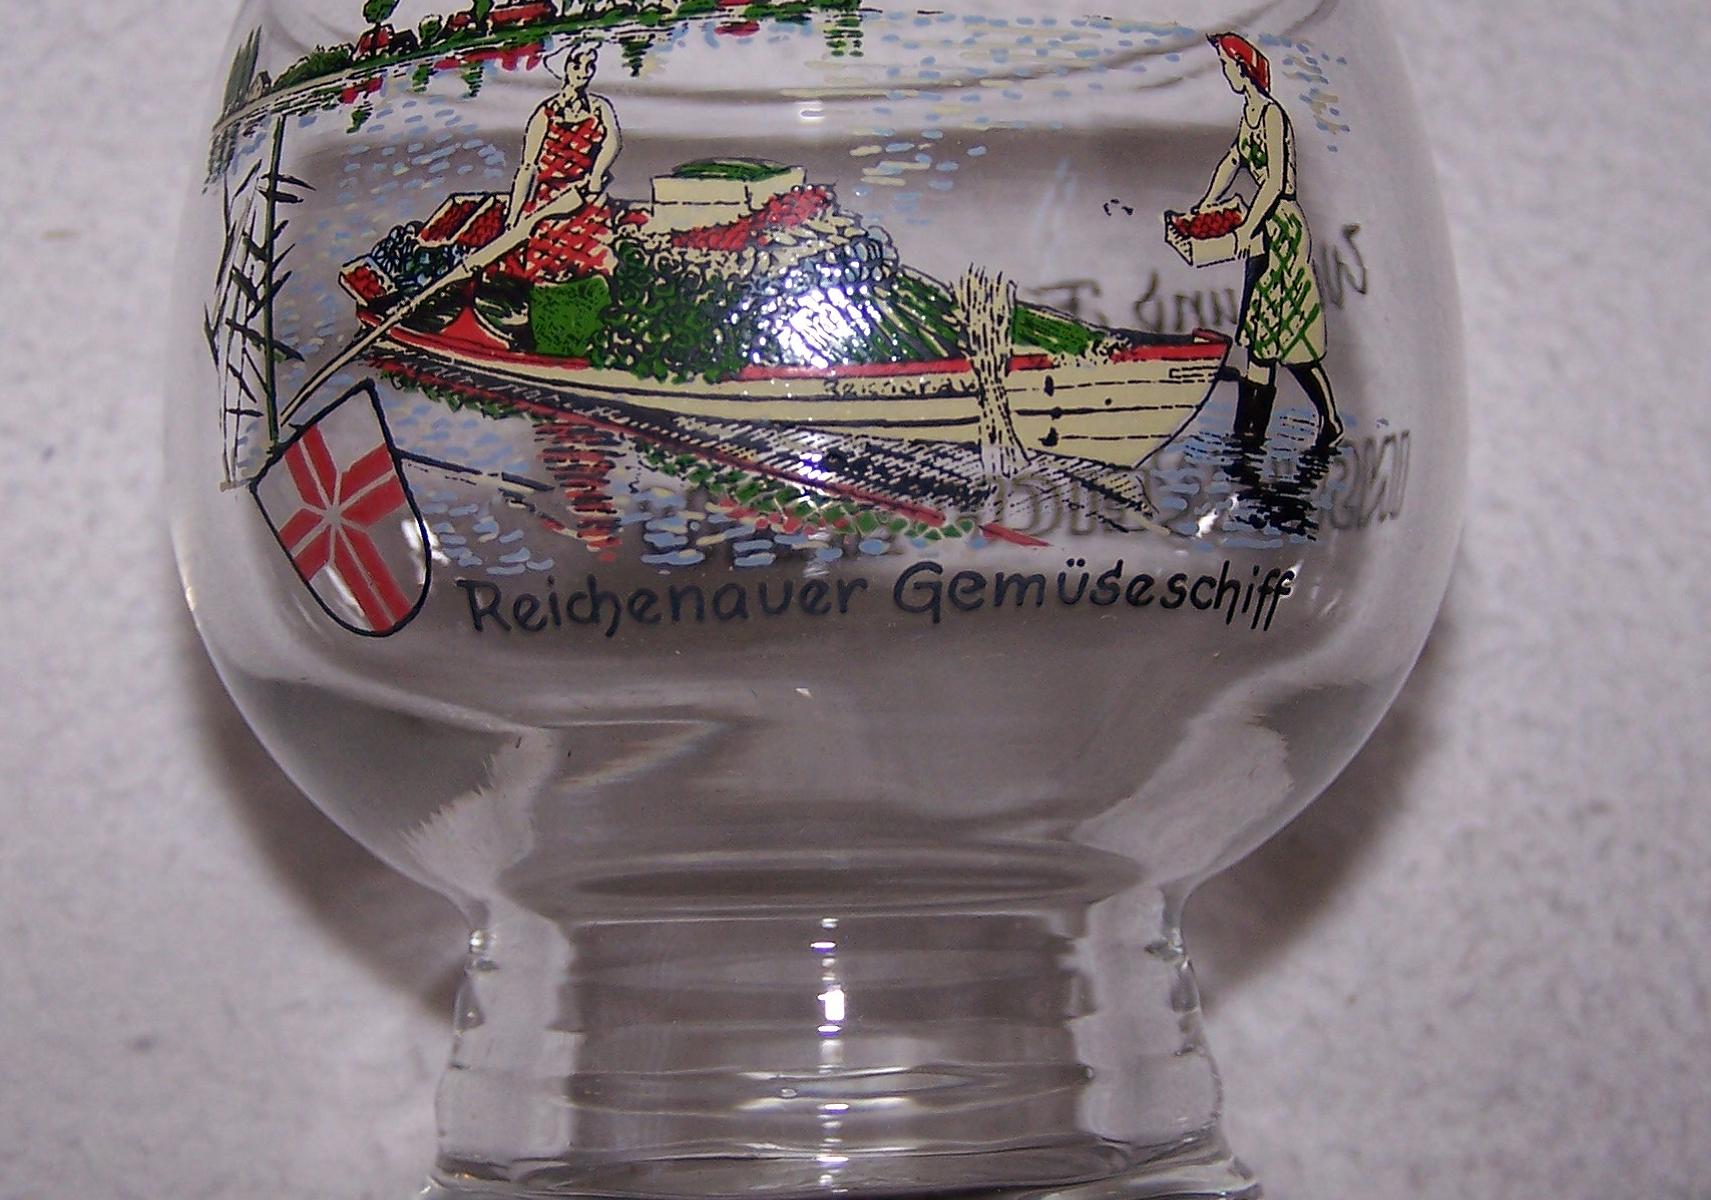 Haushalt - servieren - Souvenir - Weinfestglas - Insel Reichenau - Kugelbecherglas